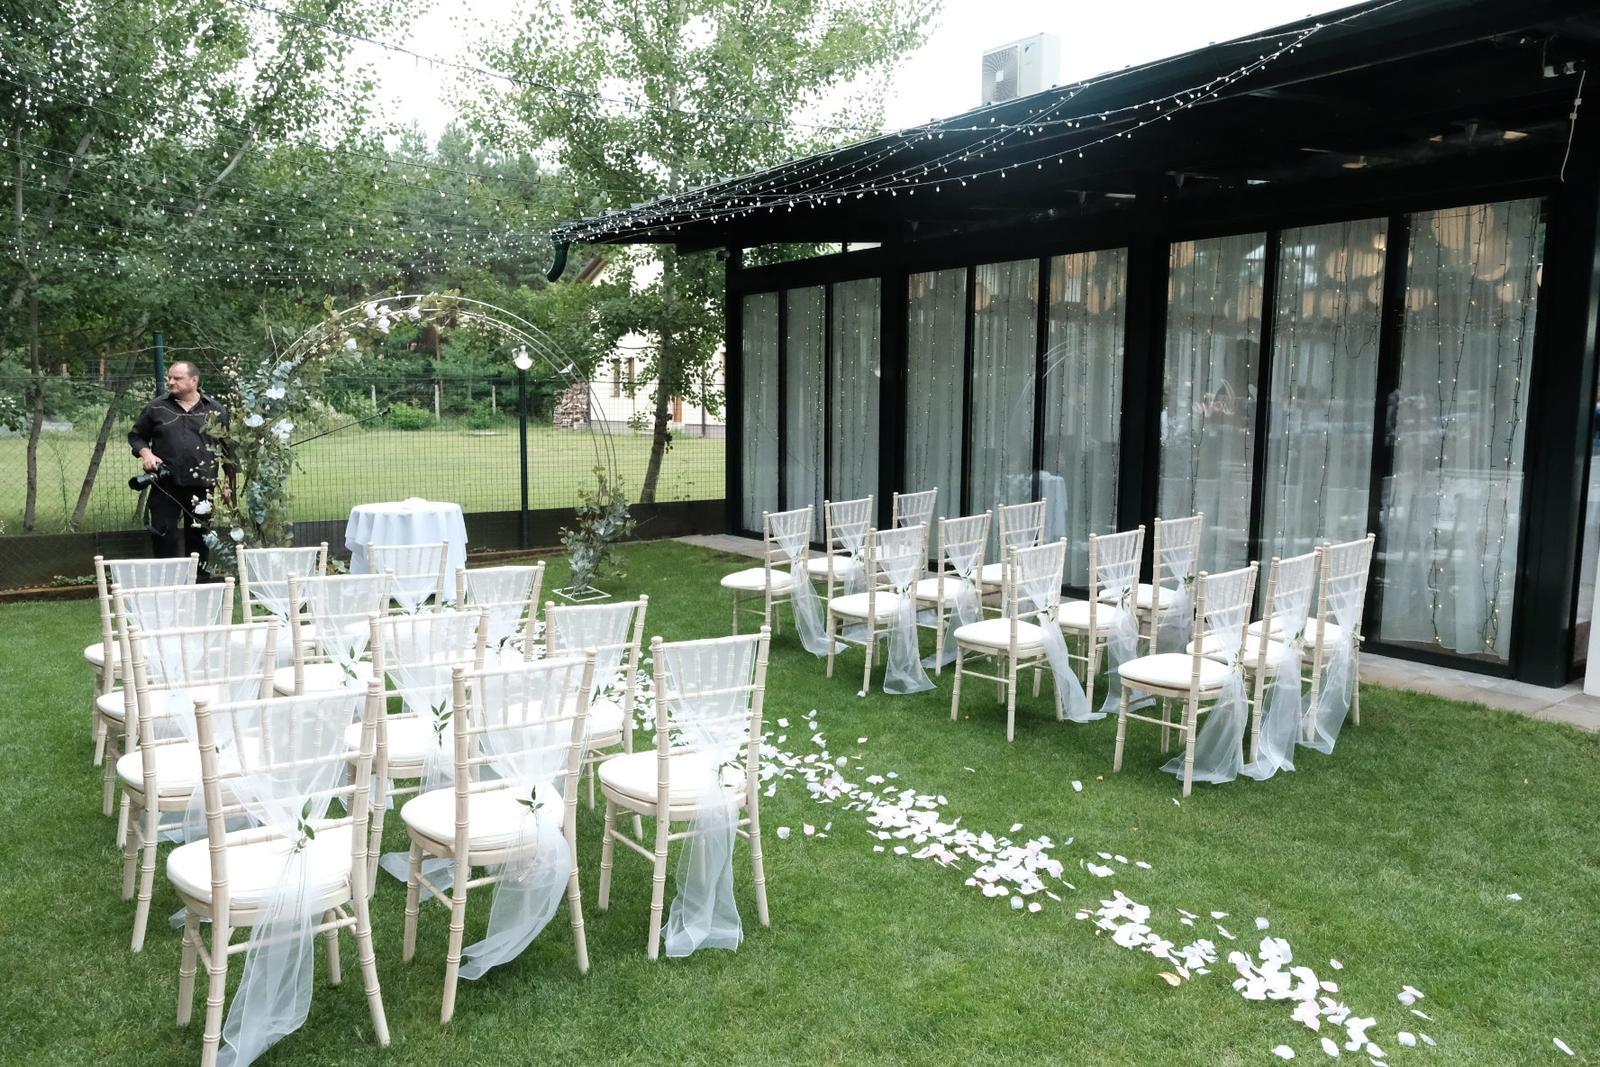 Chiavari & okrúhle stoly na svadbe Nikolet & Erika - TROPIC Šaštín ♥ - Obrázok č. 1